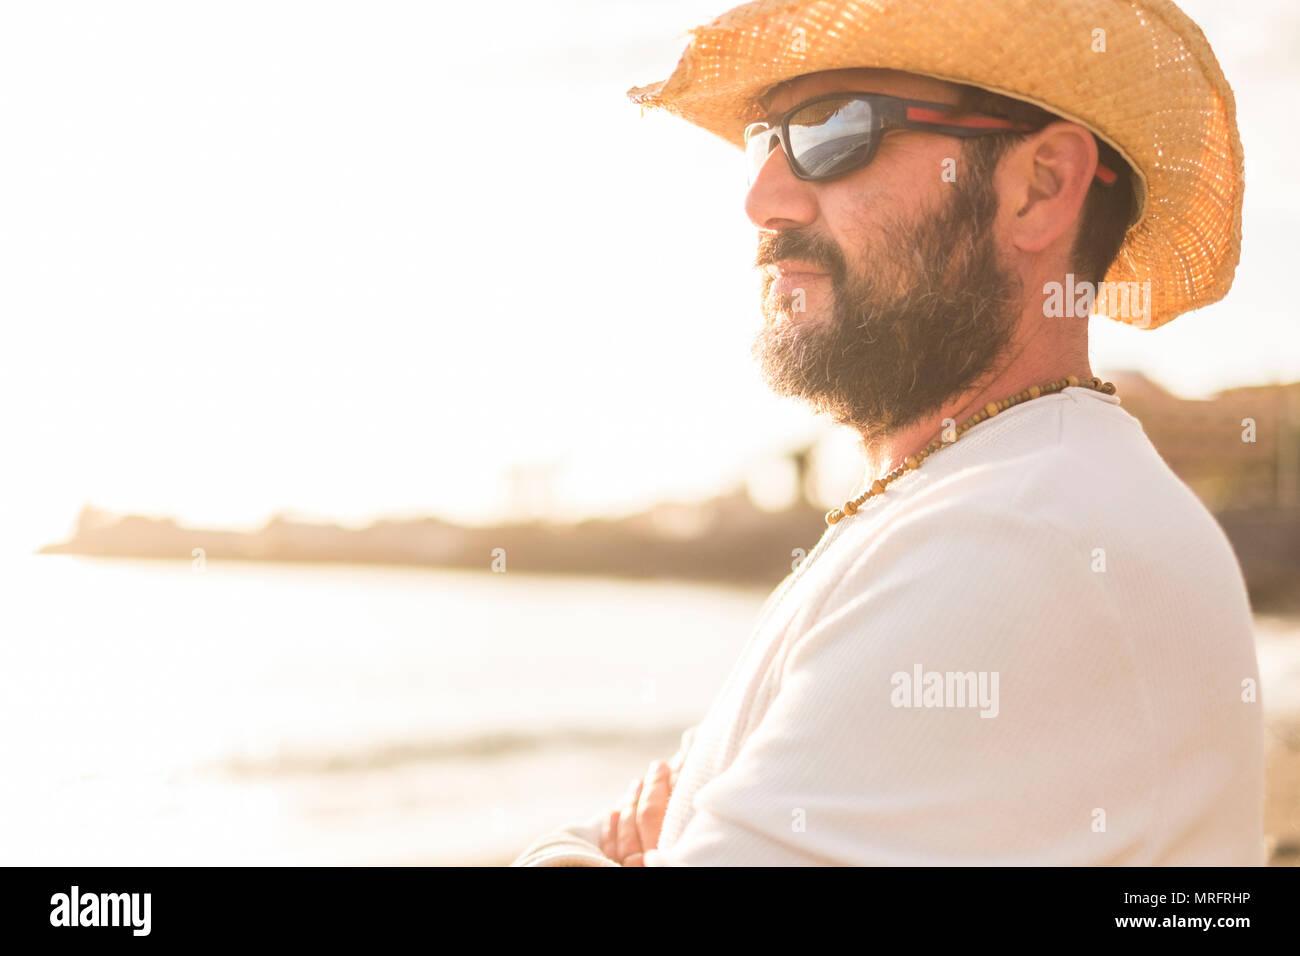 Età media 45 anni uomo caucasico in vacanza guardare all'orizzonte con un golde tramonto in background. Indossare occhiali da sole e vestiti estivi Immagini Stock